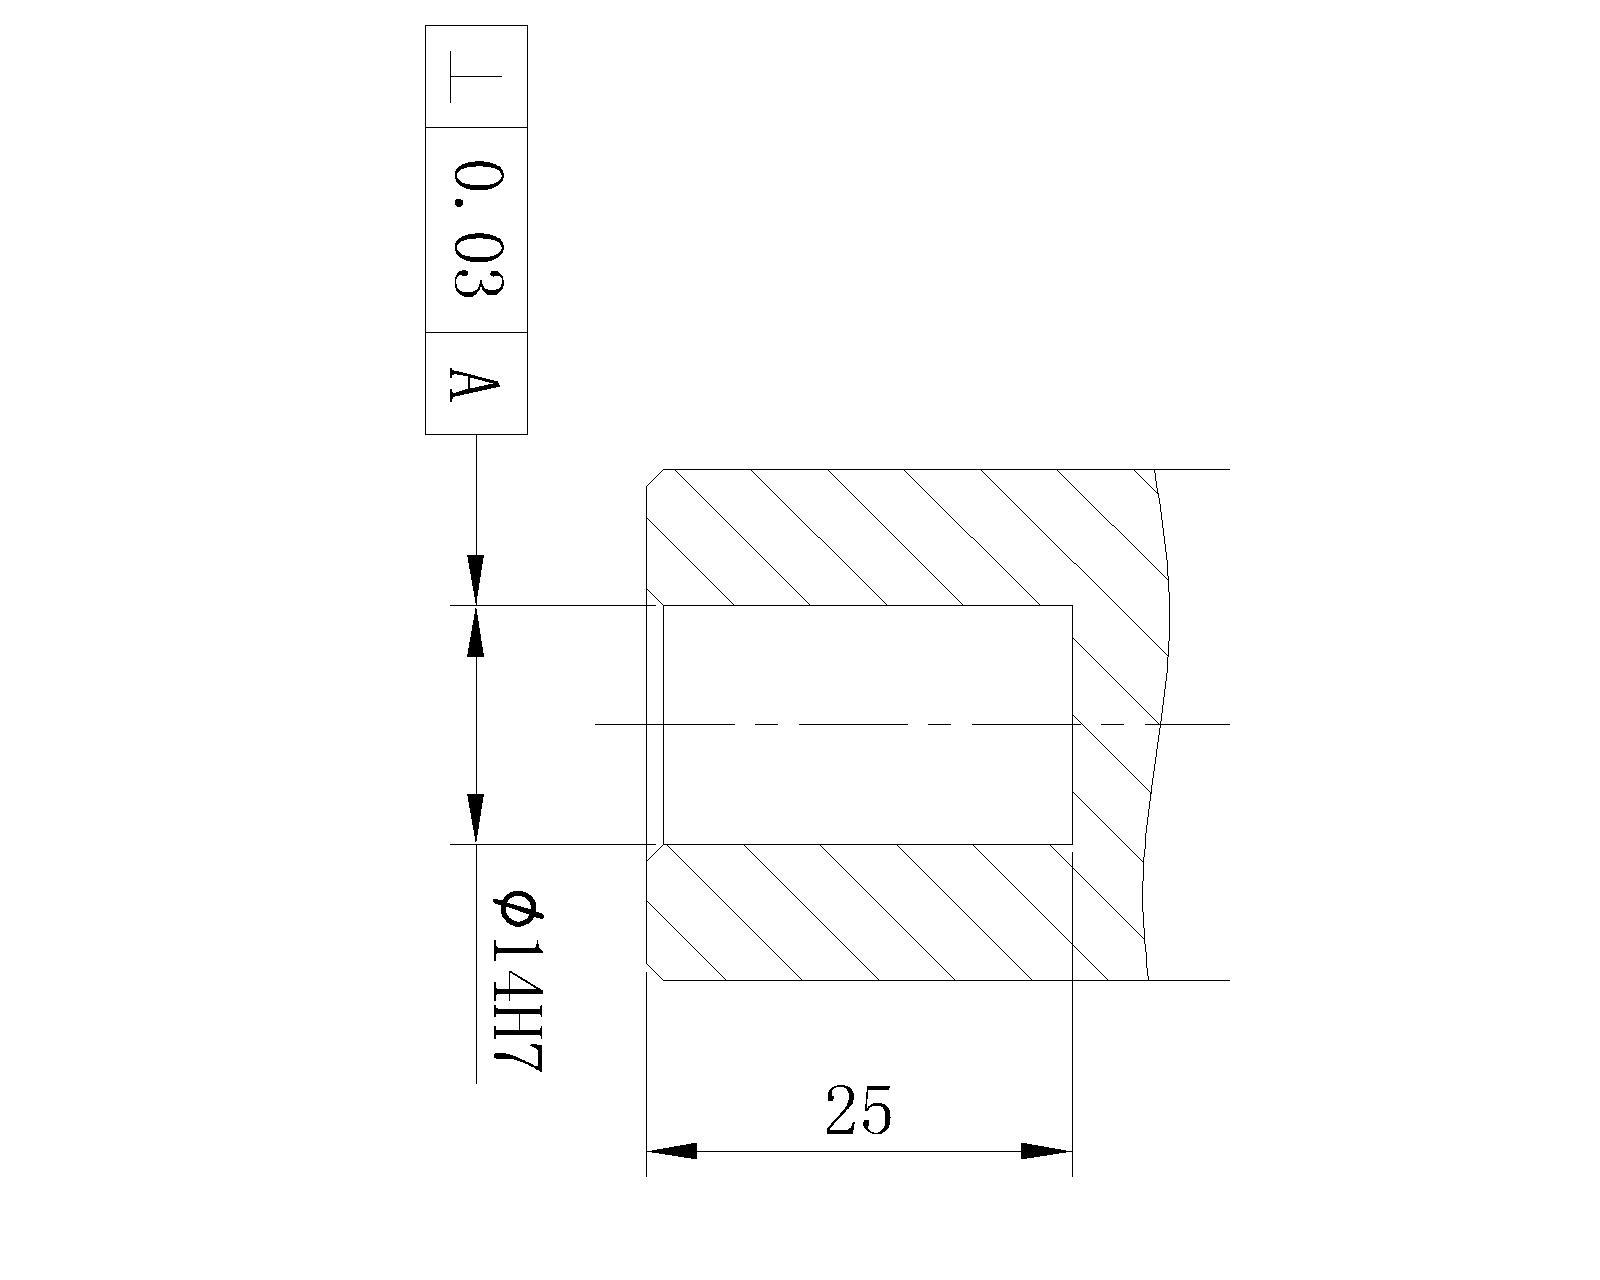 管螺纹标注_帮我看看这个螺纹垂直度标注正确吗?还有垂直度0.5mm要求高吗 ...